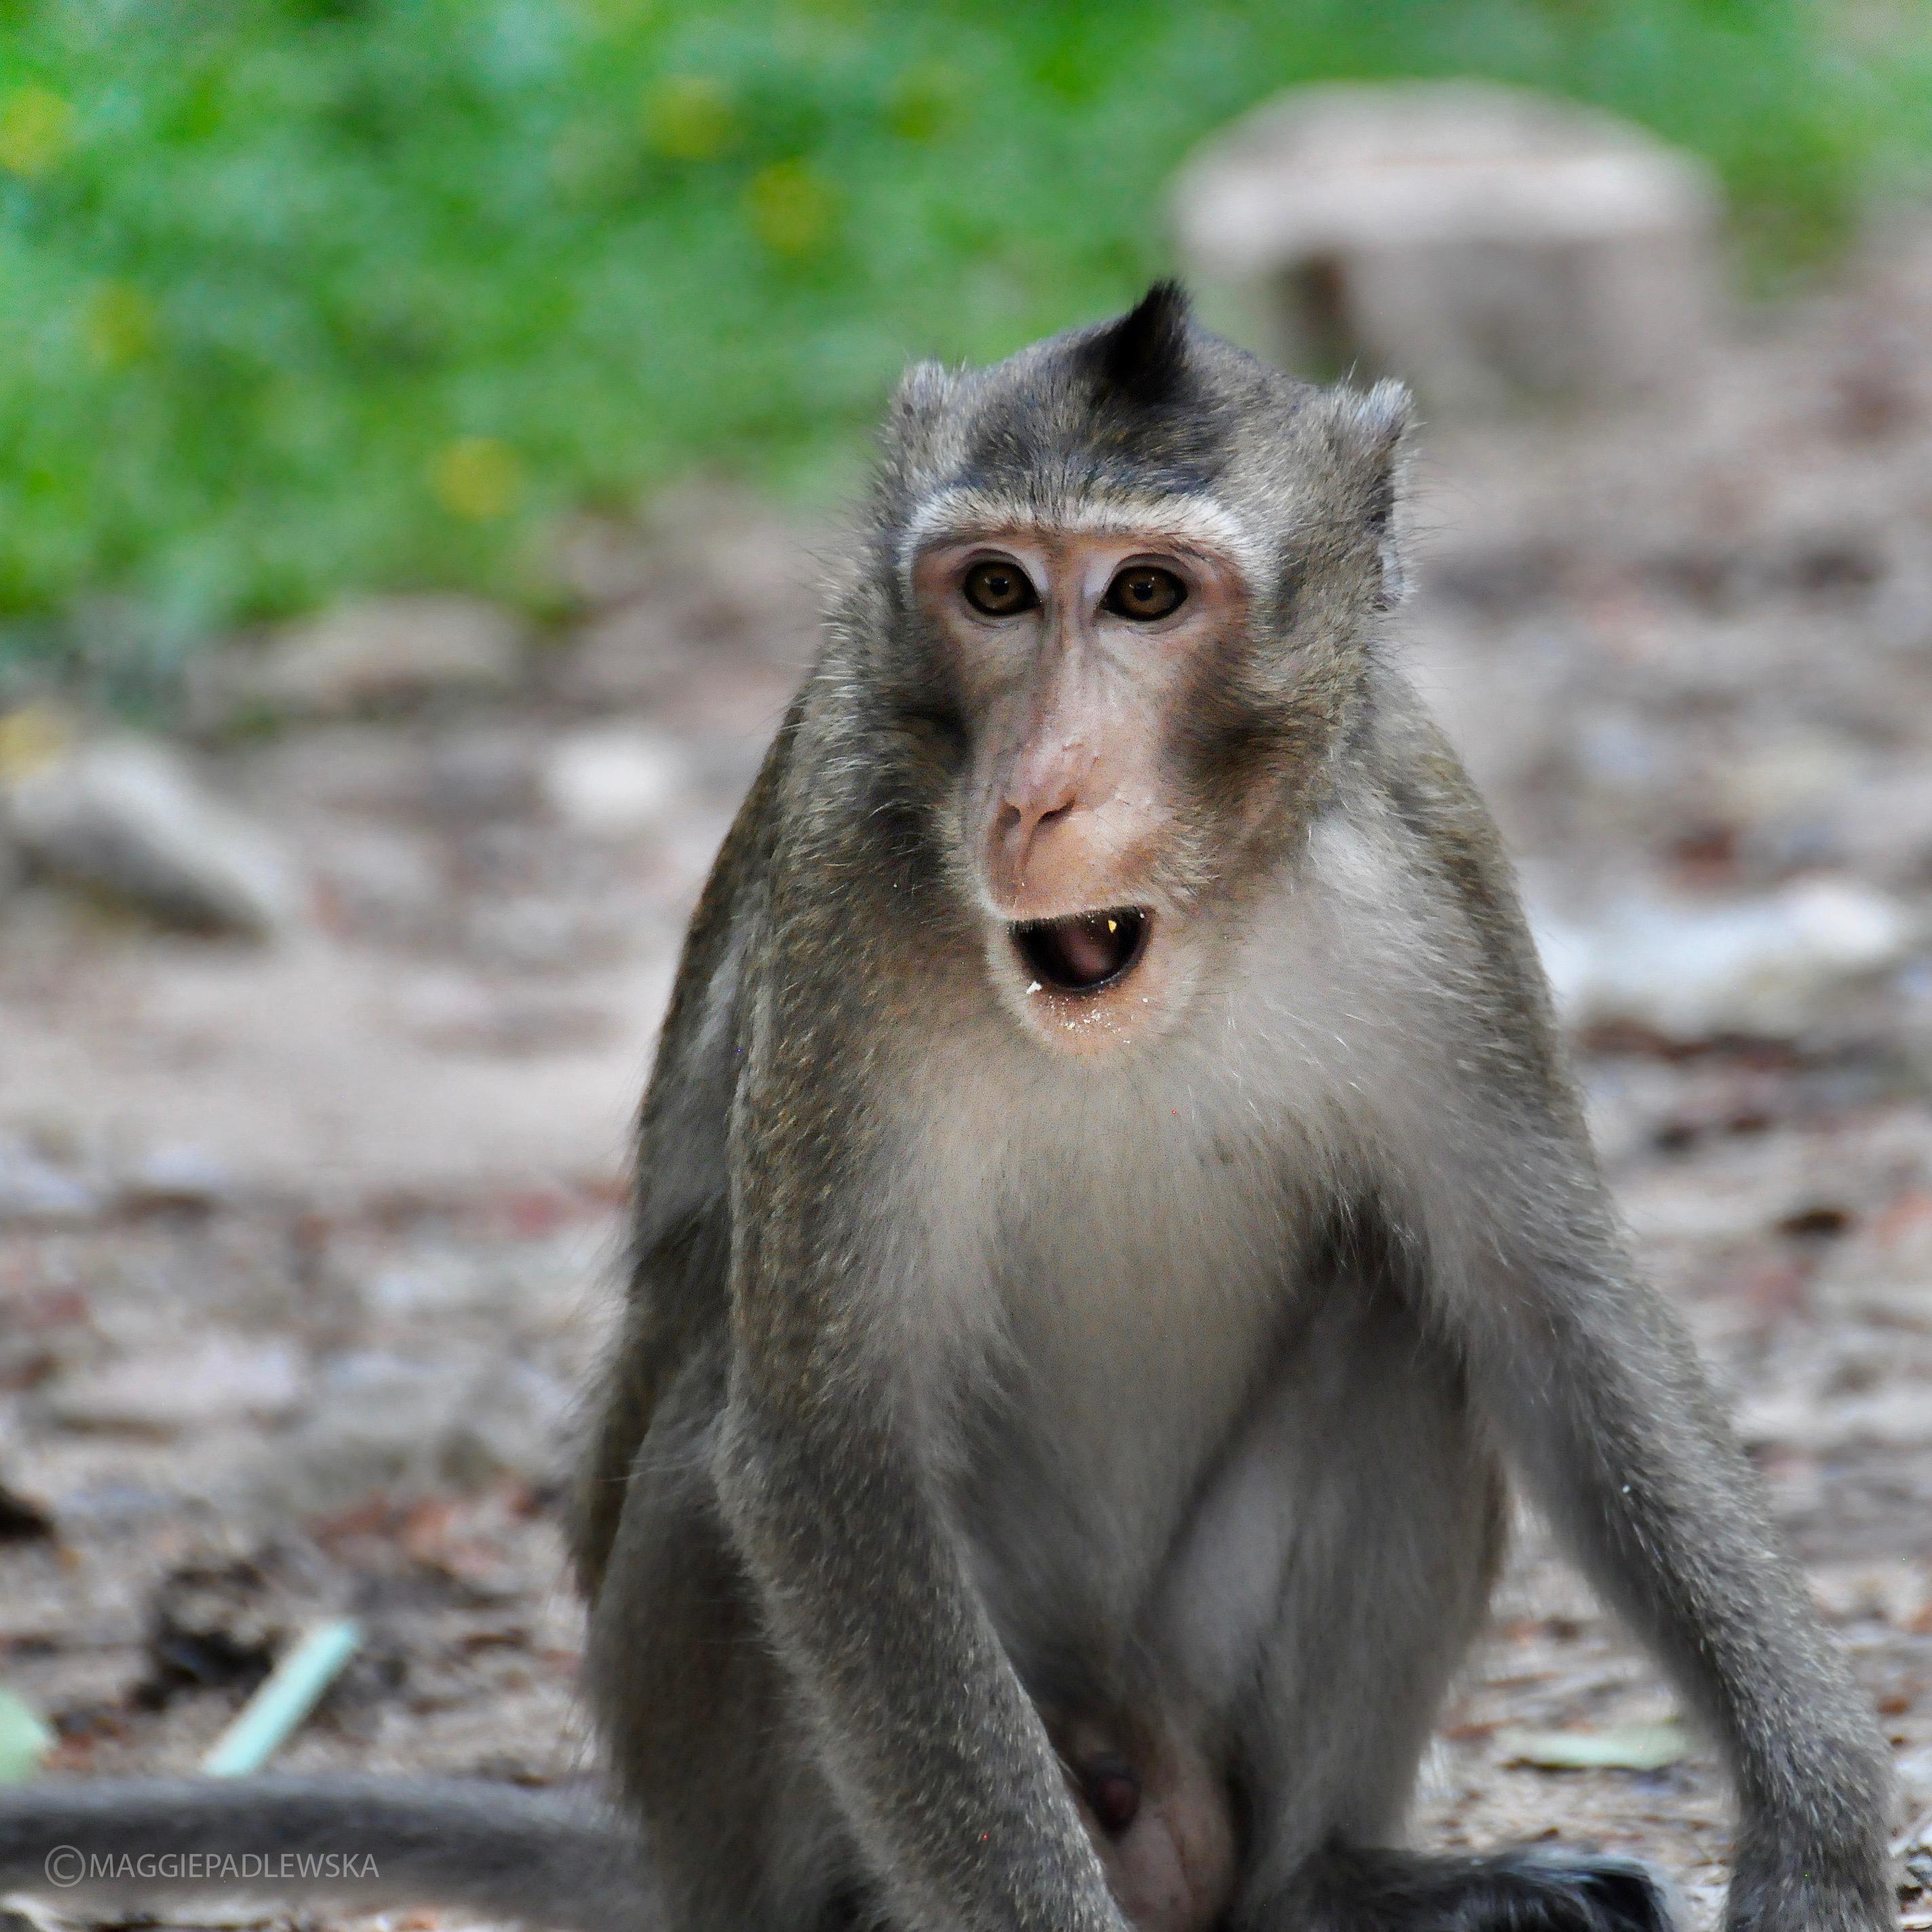 MonkeyPadlewskaCR1